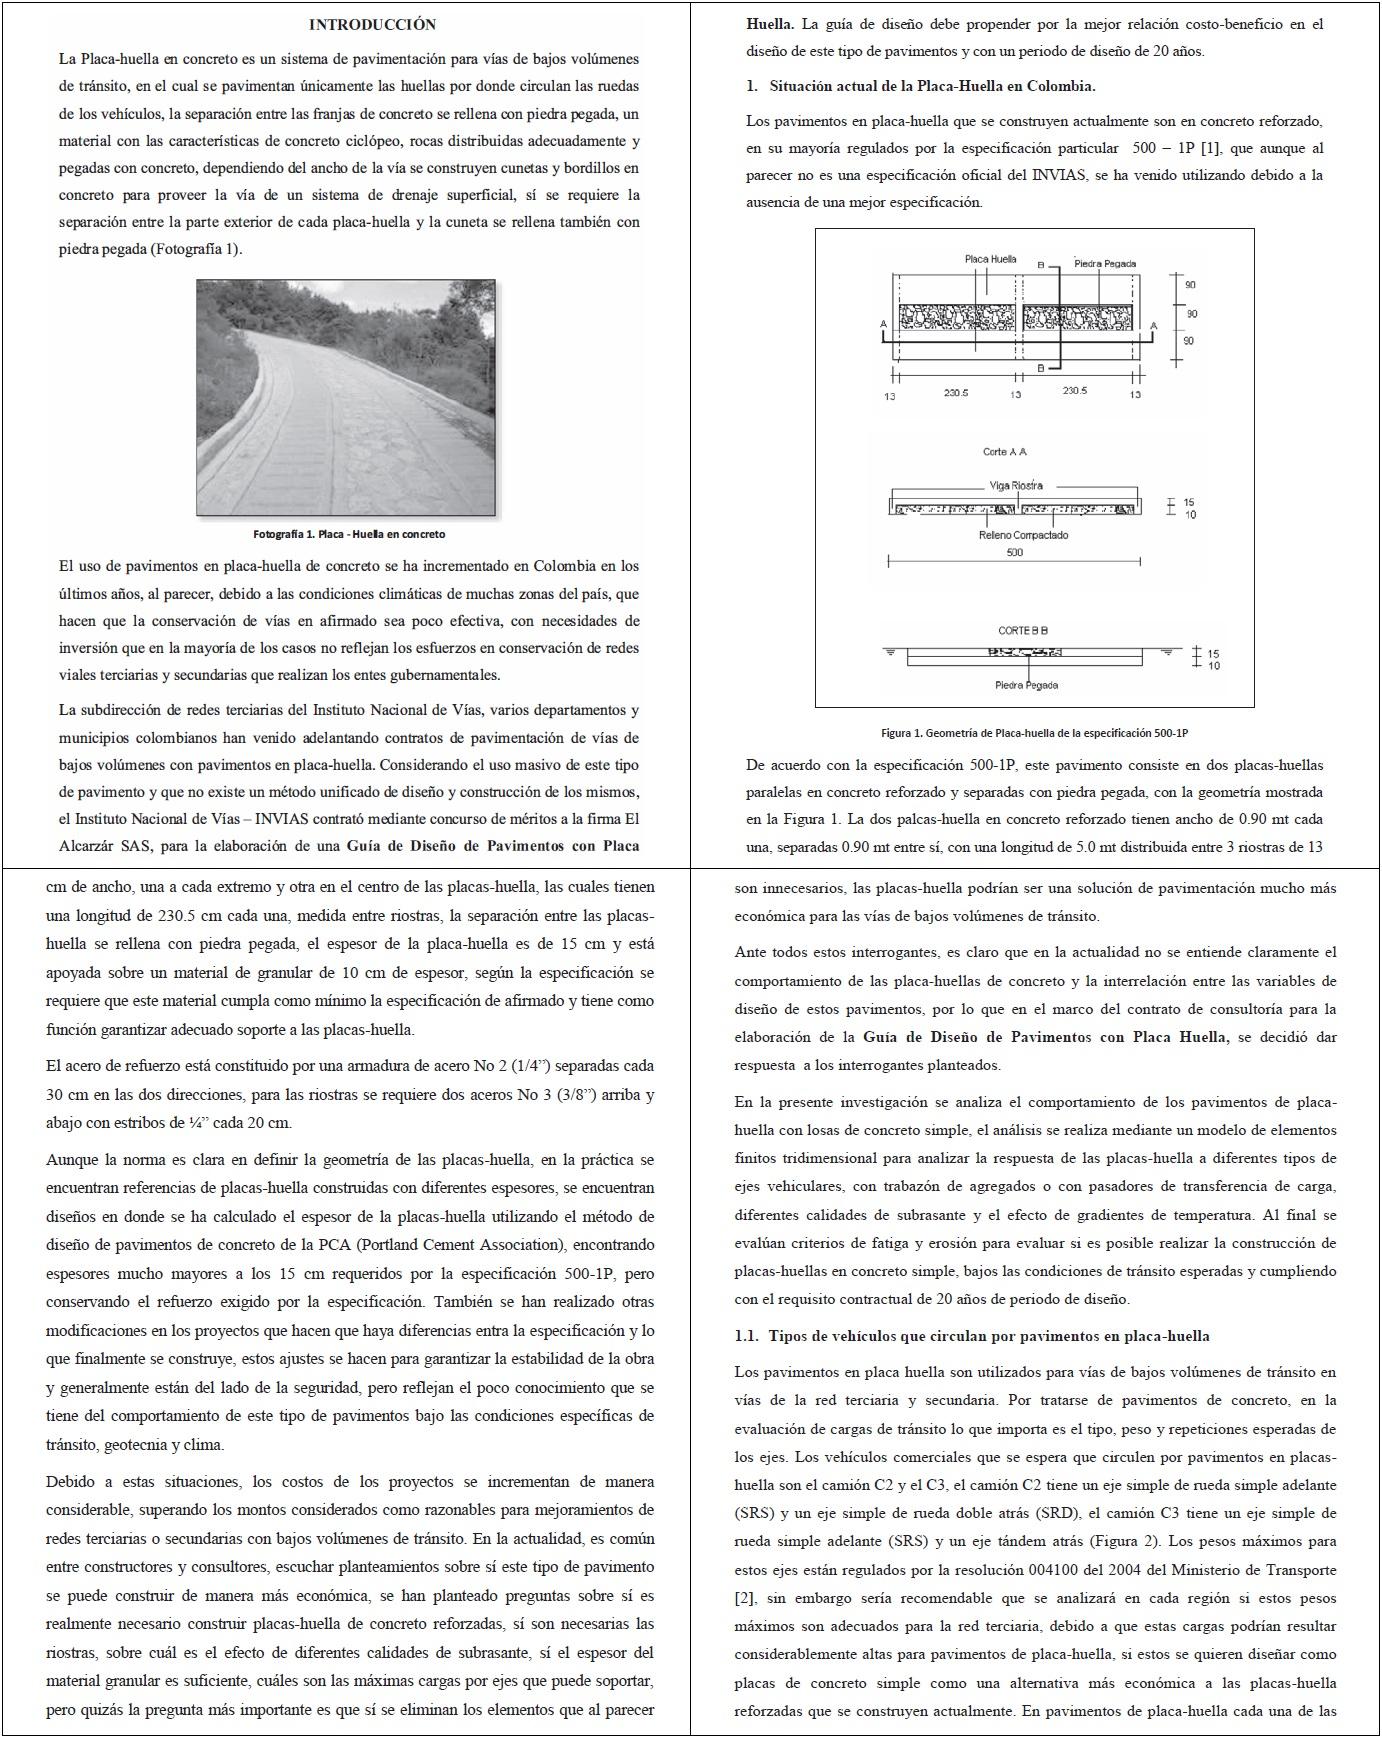 RES 4401 MTIMP55